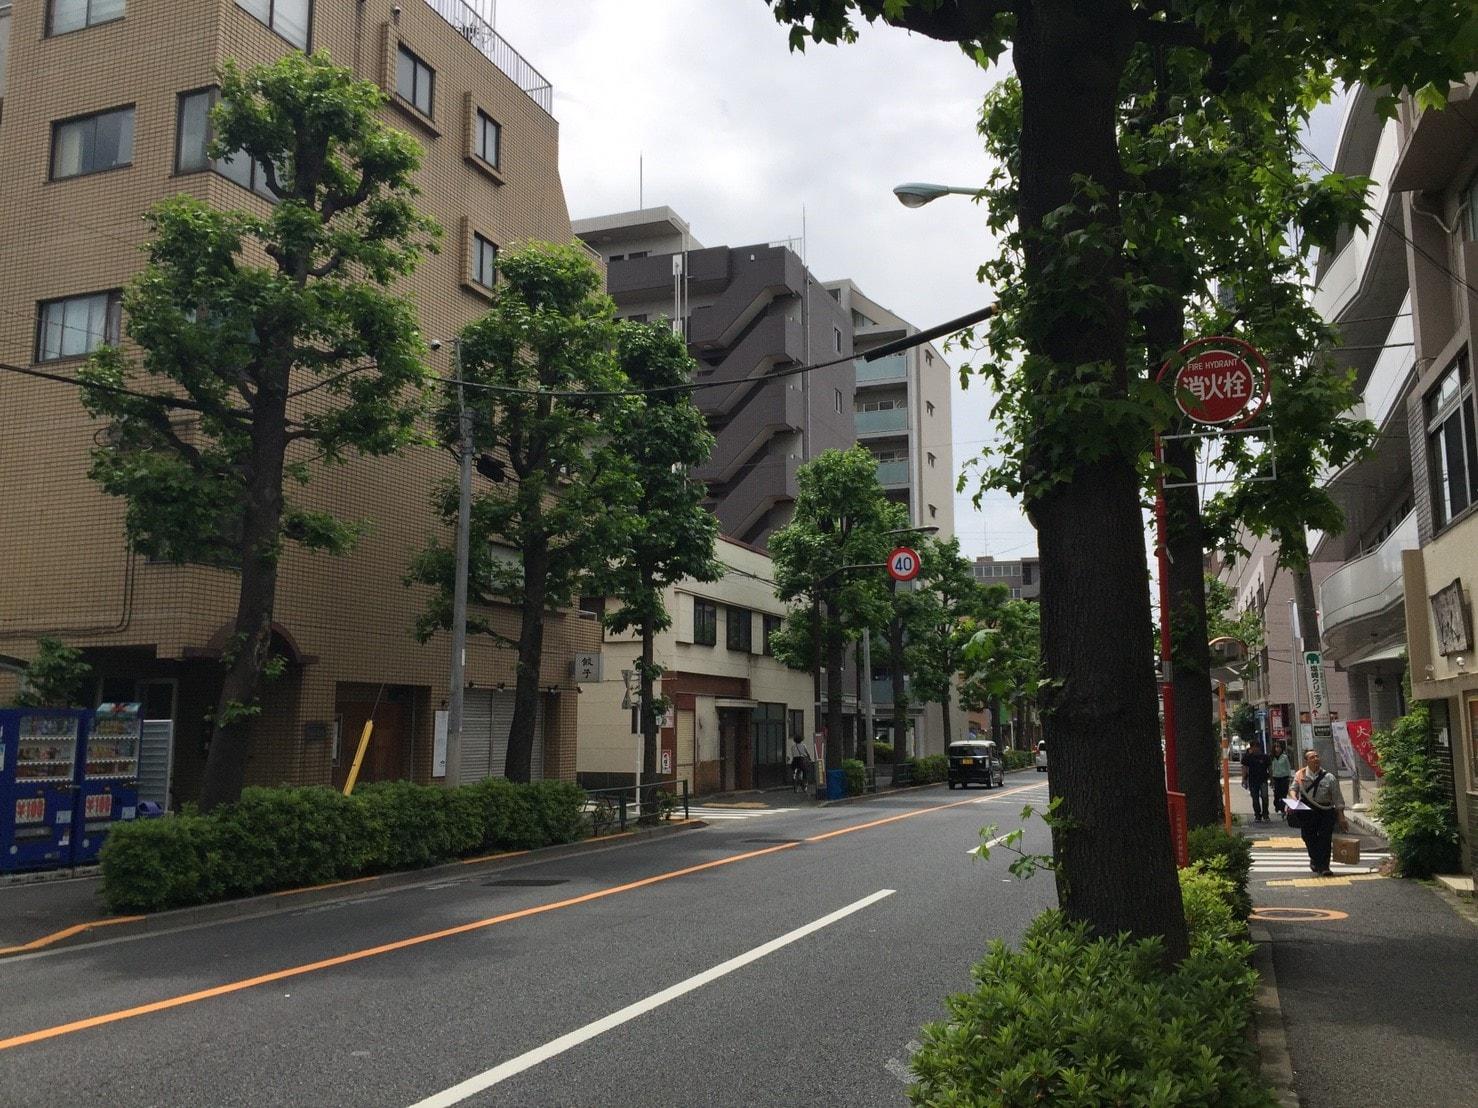 大通り沿いに並び立つ単身向けのマンション